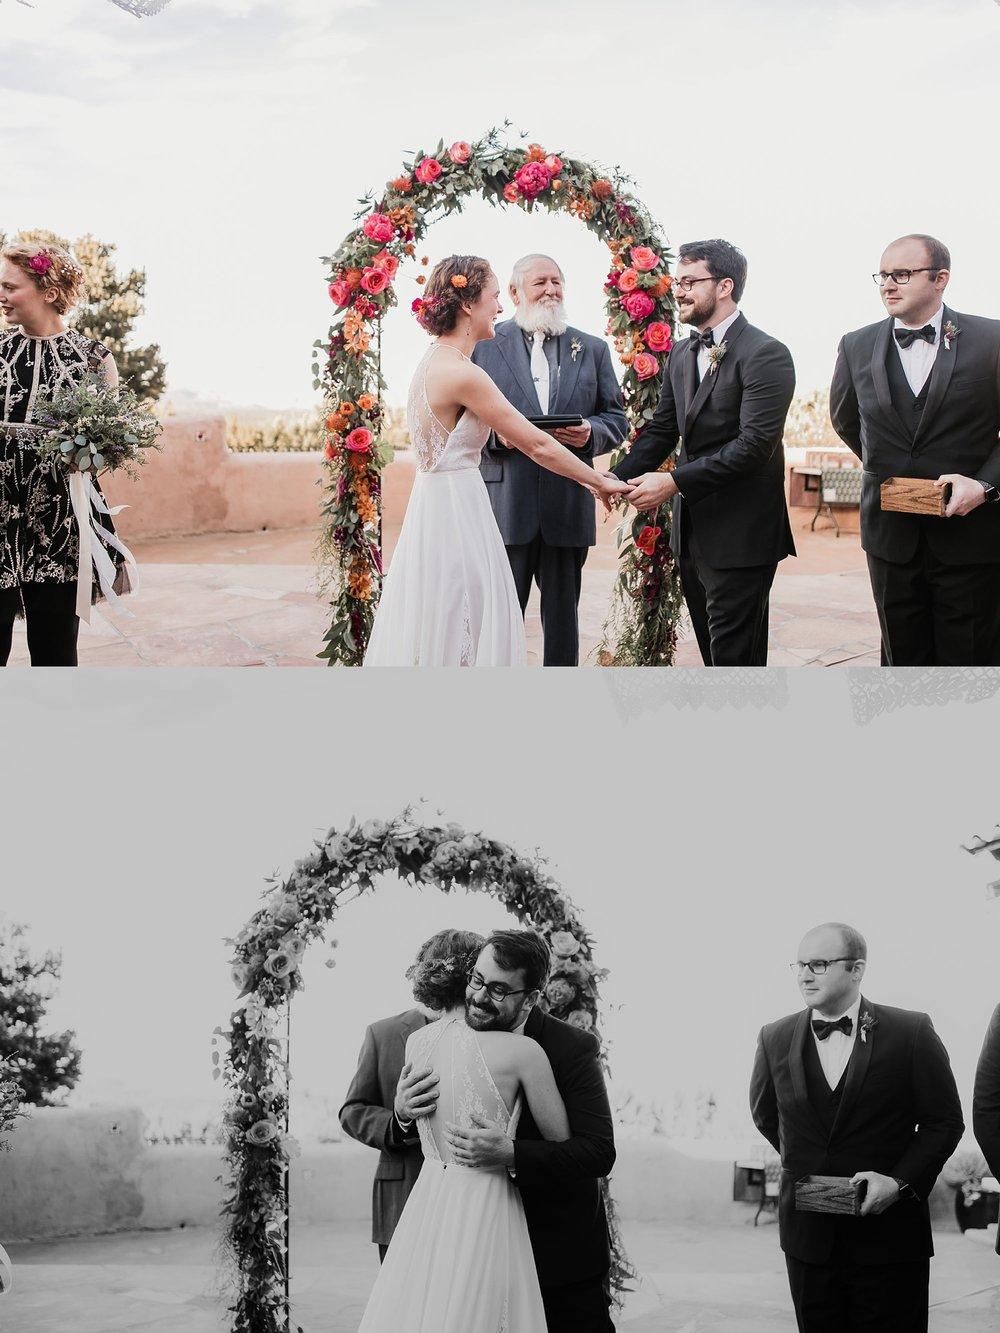 Alicia+lucia+photography+-+albuquerque+wedding+photographer+-+santa+fe+wedding+photography+-+new+mexico+wedding+photographer+-+new+mexico+wedding+-+engagement+-+santa+fe+wedding+-+hacienda+dona+andrea+-+hacienda+dona+andrea+wedding_0039.jpg